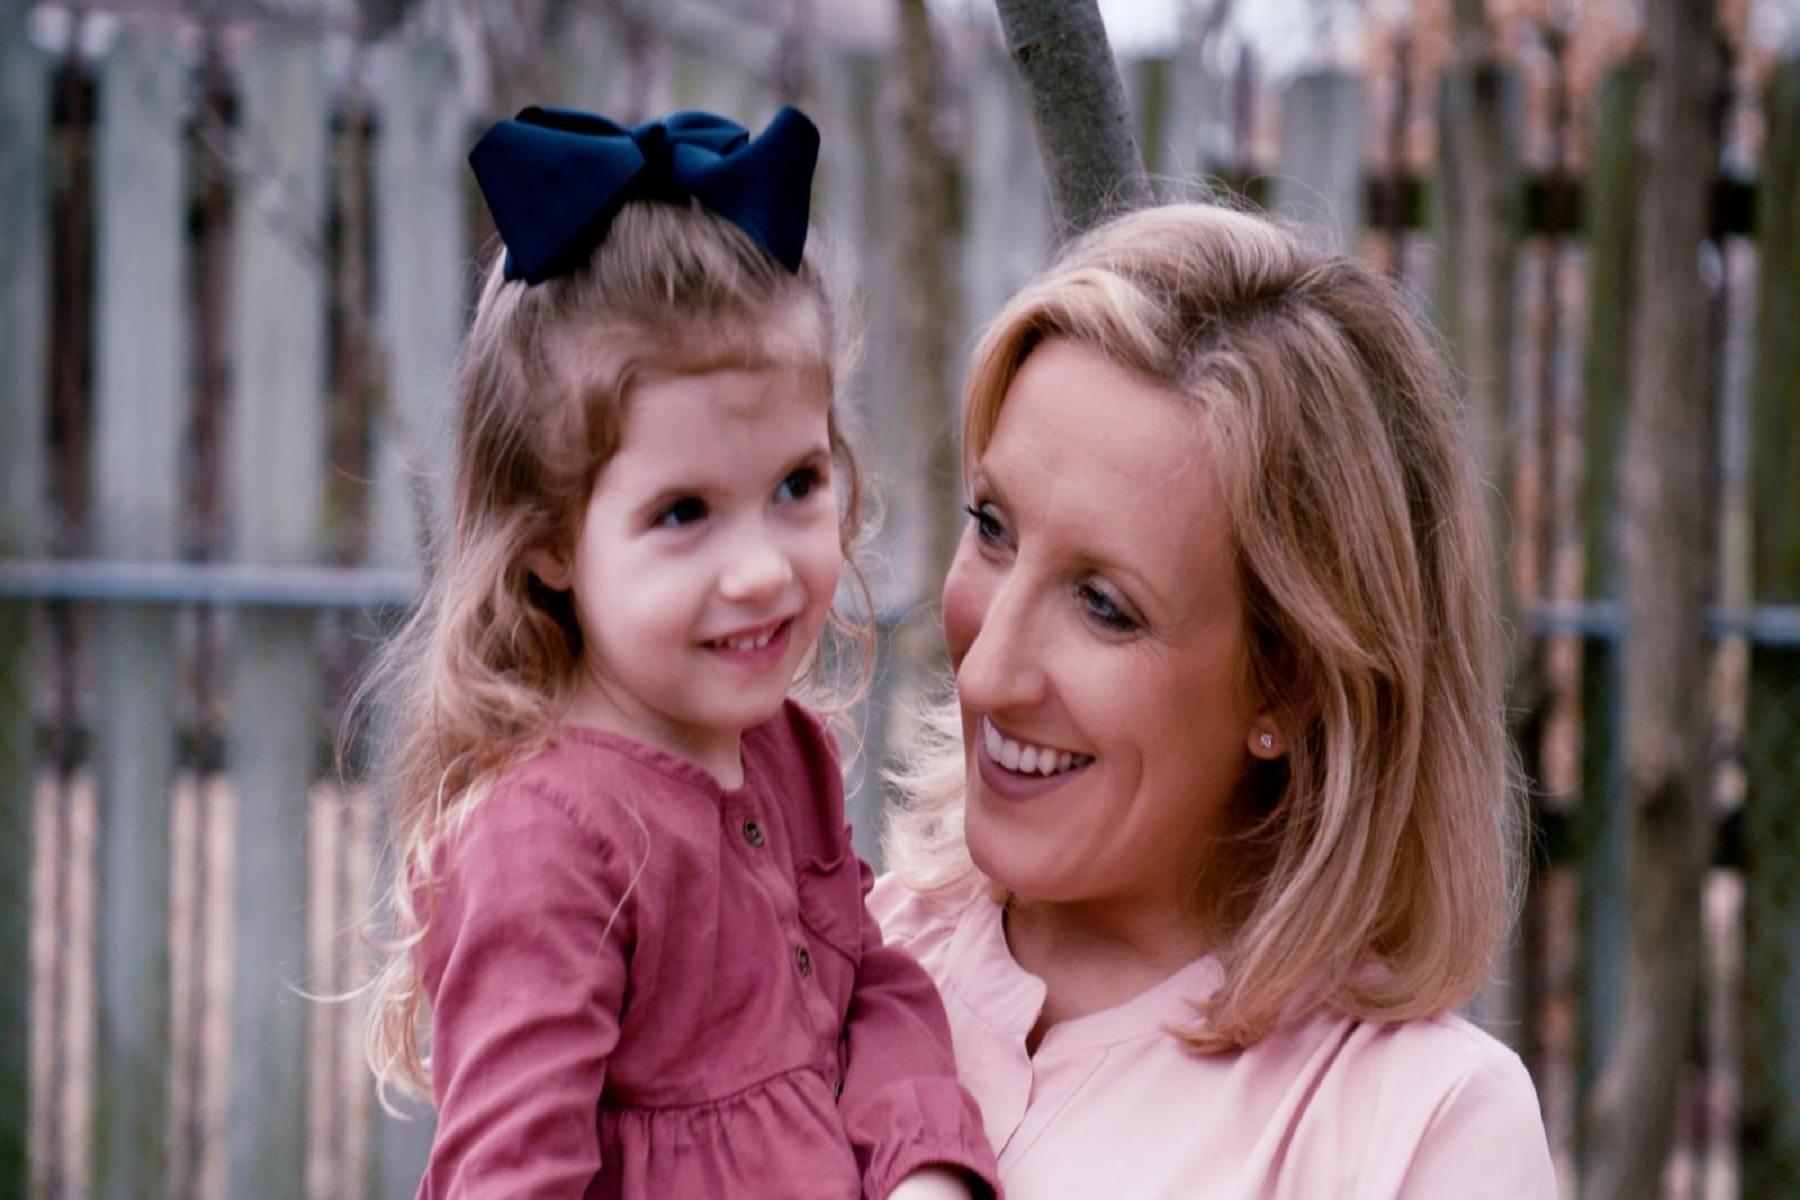 Εμπειρογνώμονας Λοιμώδη Νοσήματα: «Ανόητο» να μην εμβολιάζουμε μικρά παιδιά εάν τα εμβόλια COVID-19 βρεθούν ασφαλή